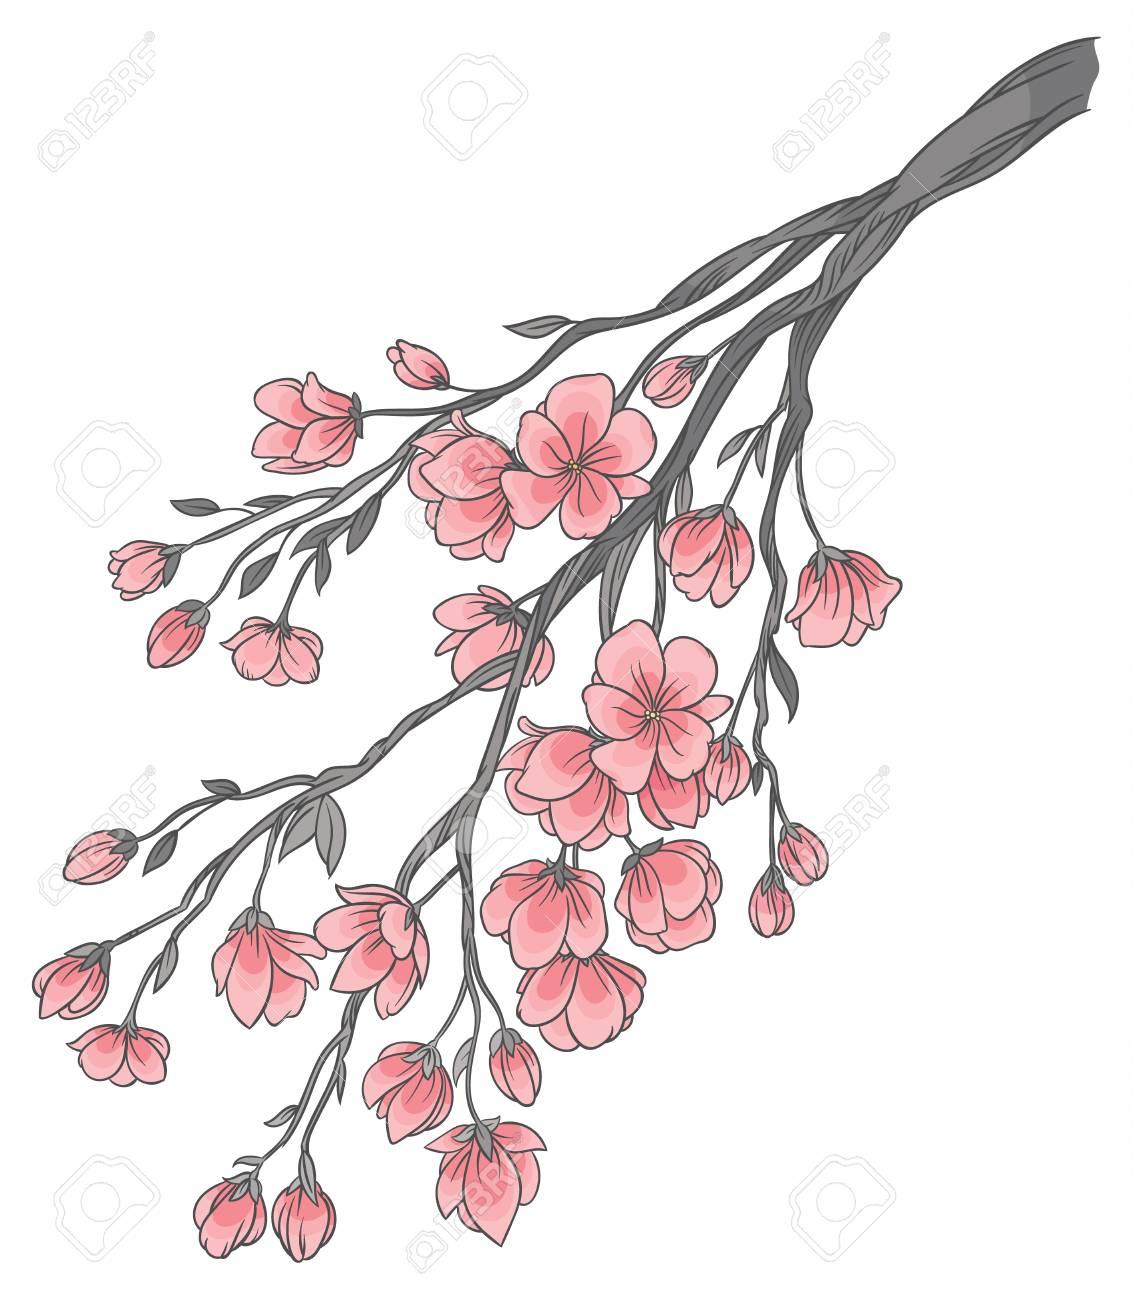 Dessin De Main De Vecteur Branche De Fleurs De Cerisier Sakura Avec Delicates Fleurs Roses Sur Fond Blanc Clip Art Libres De Droits Vecteurs Et Illustration Image 82455889